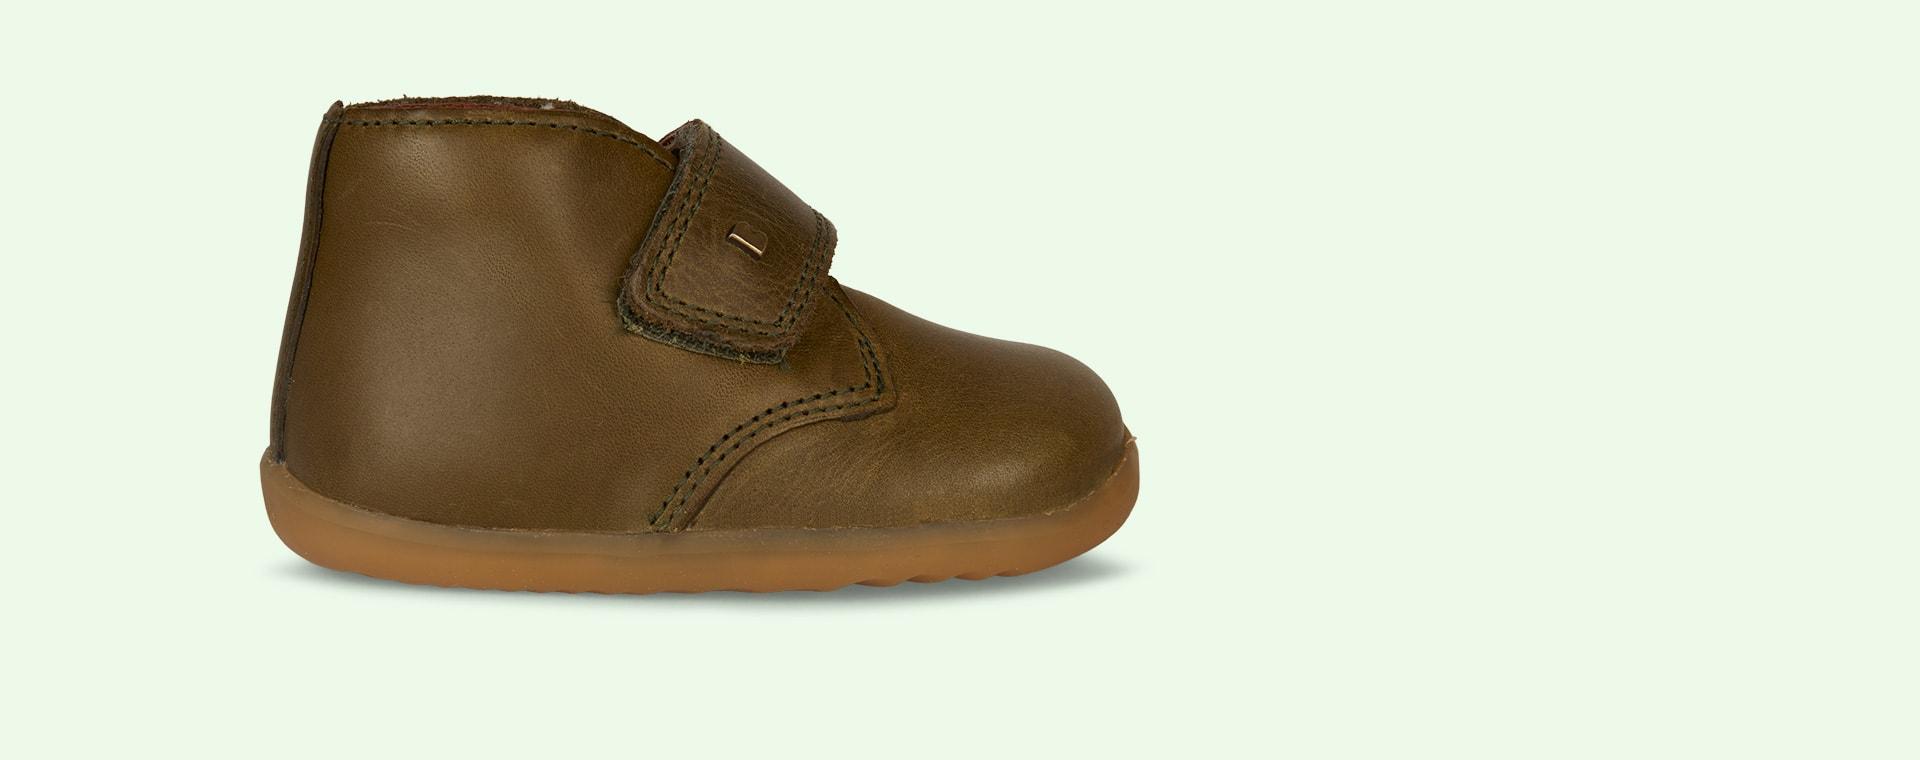 Olive Bobux Desert Step-Up Boot